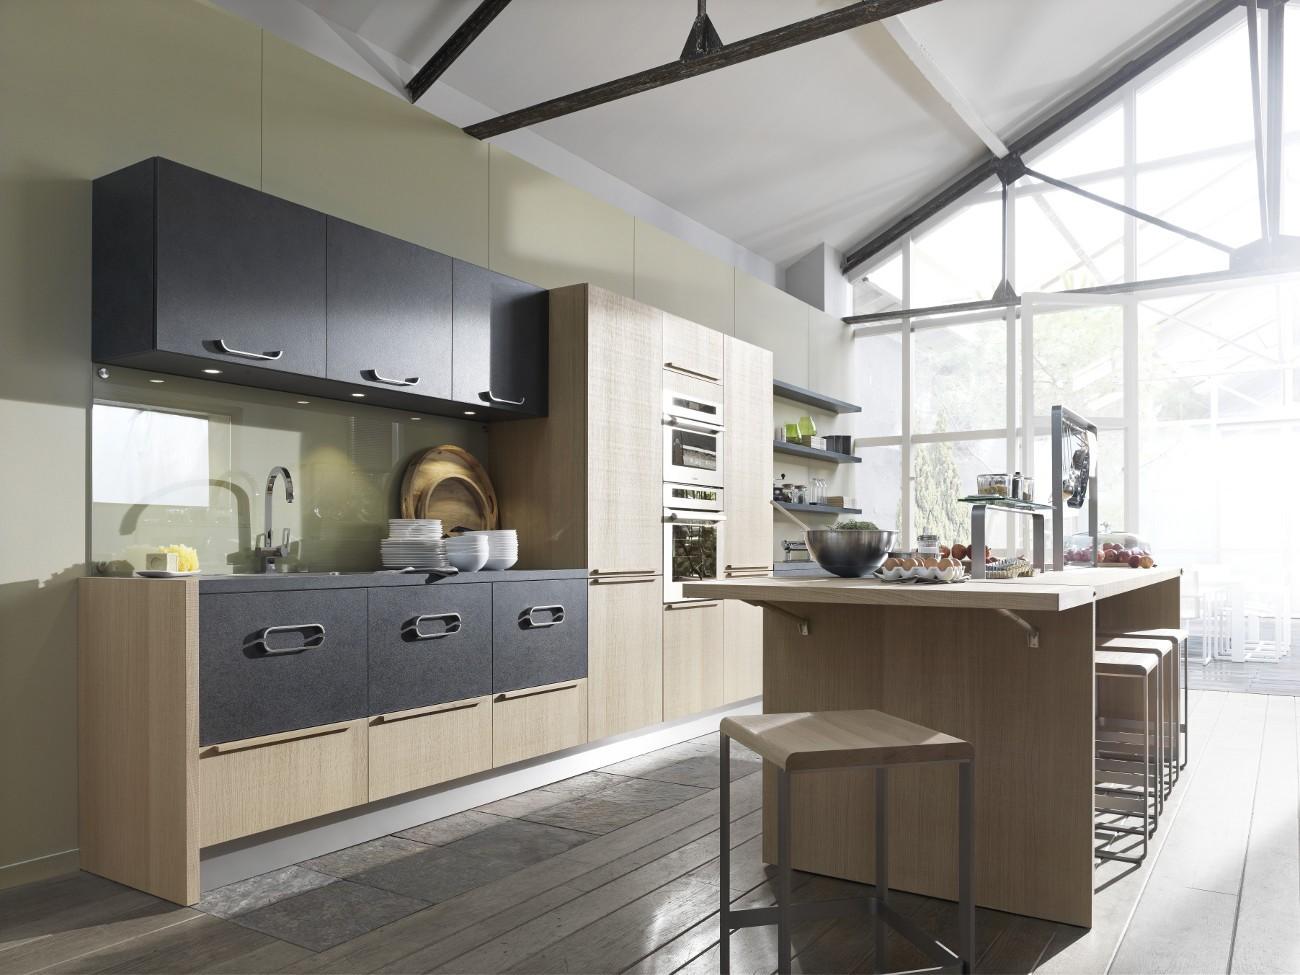 Modele de cuisine ouverte avec ilot cuisine id es de for Modele cuisine ouverte